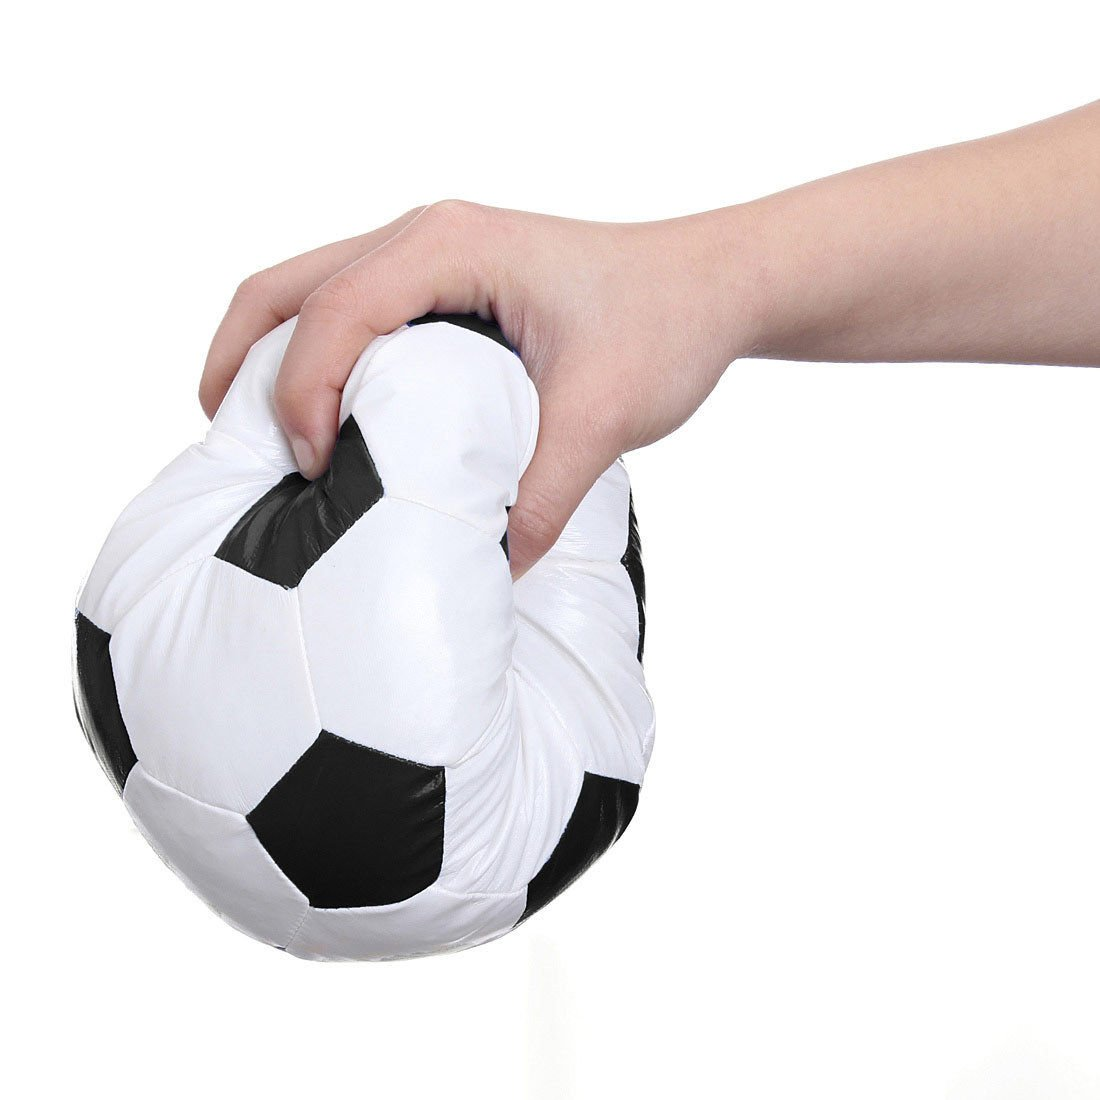 Generic QY-UK4-16FEB-20-3291 1**5282** Tela para los amantes de la pelota de f/útbol con suave ndoor S suave esponja para interiores ootball ni/ños 14,4 cm 14,4 cm Baby Boy y ni/ños 14,4 cm